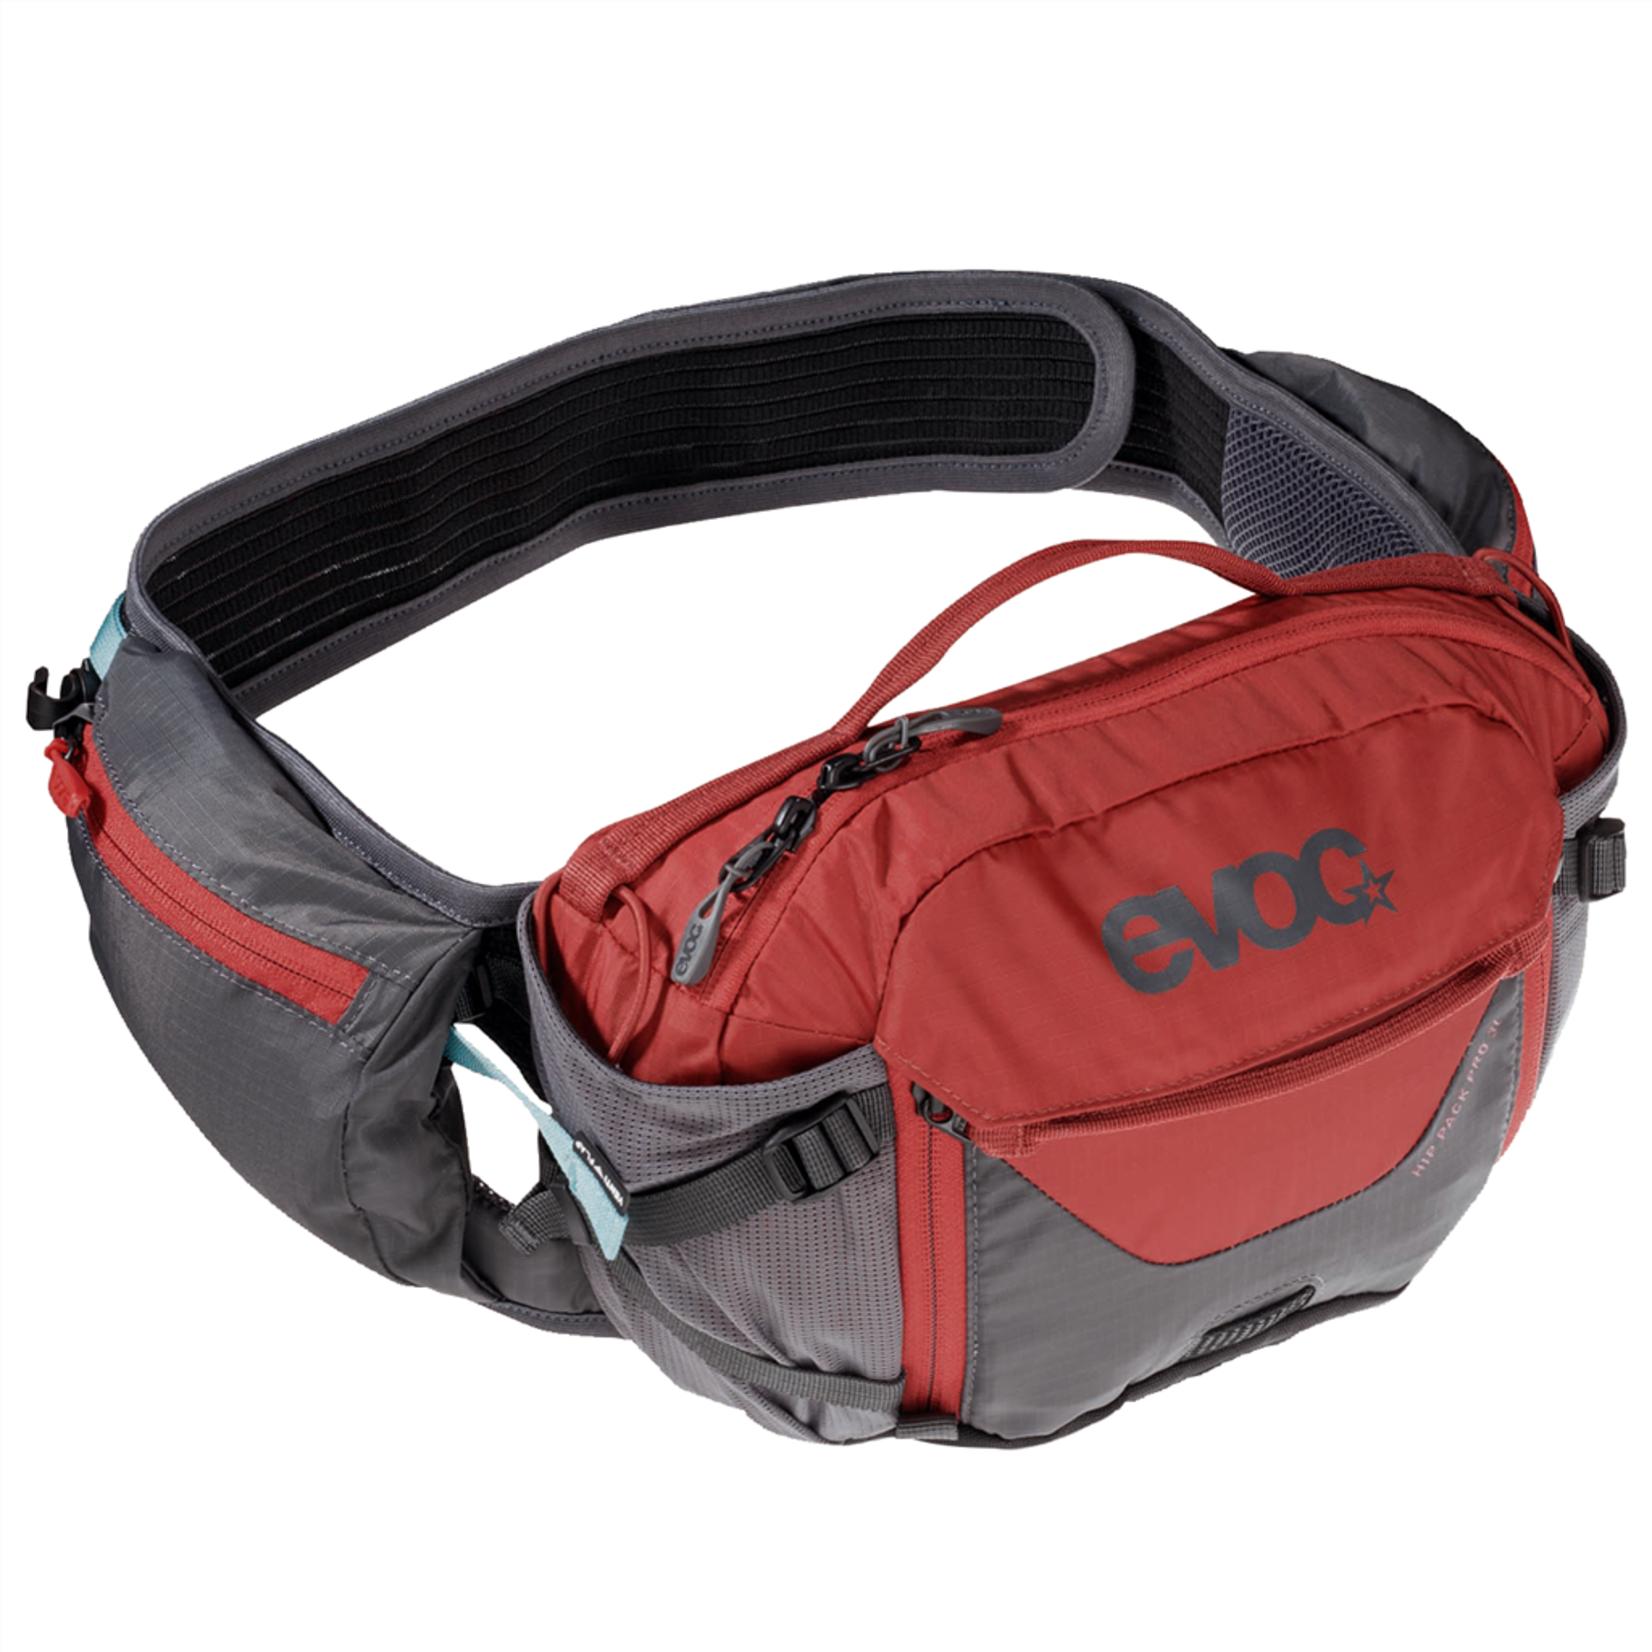 EVOC EVOC HIP PACK PRO 3L + 1,5L BLADDER carbon grey/chili red